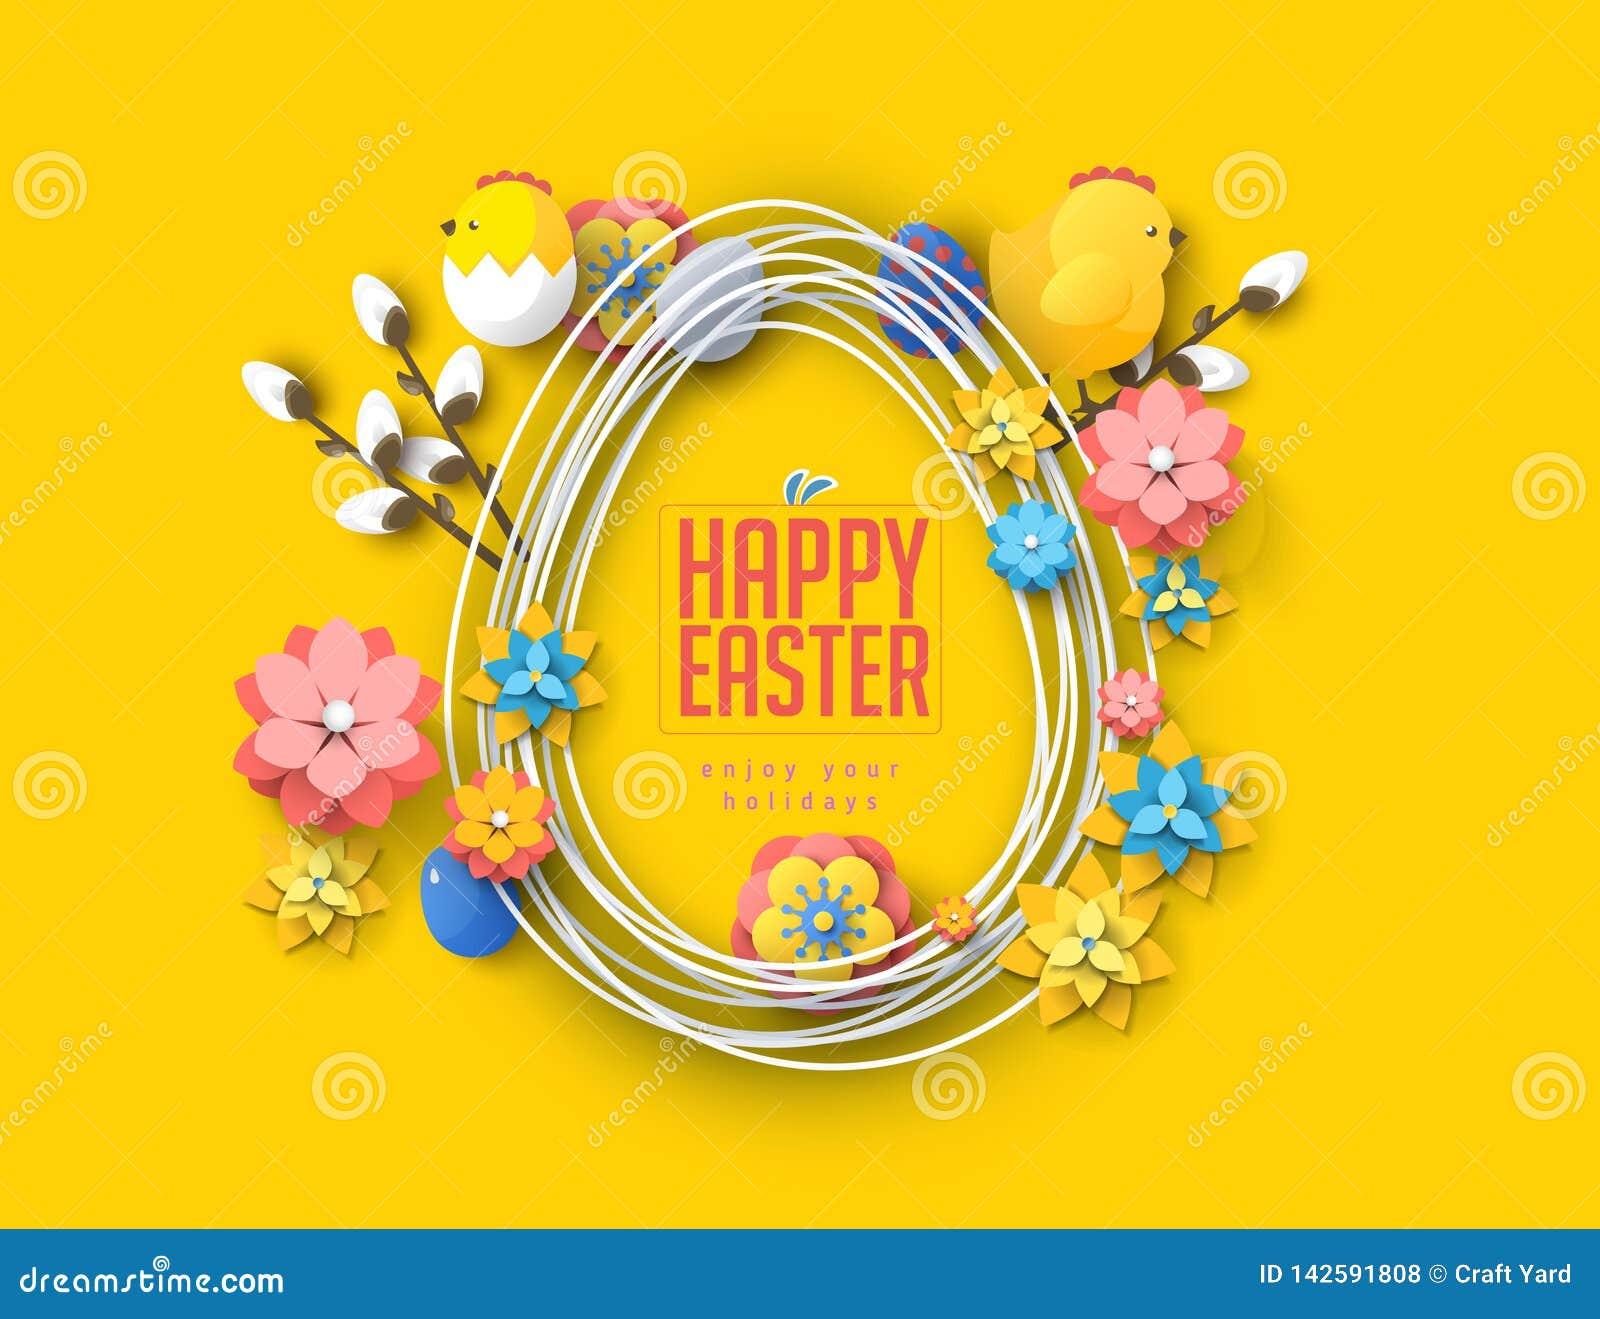 复活节概念横幅飞行物五颜六色的蛋兔子抽象背景纹理